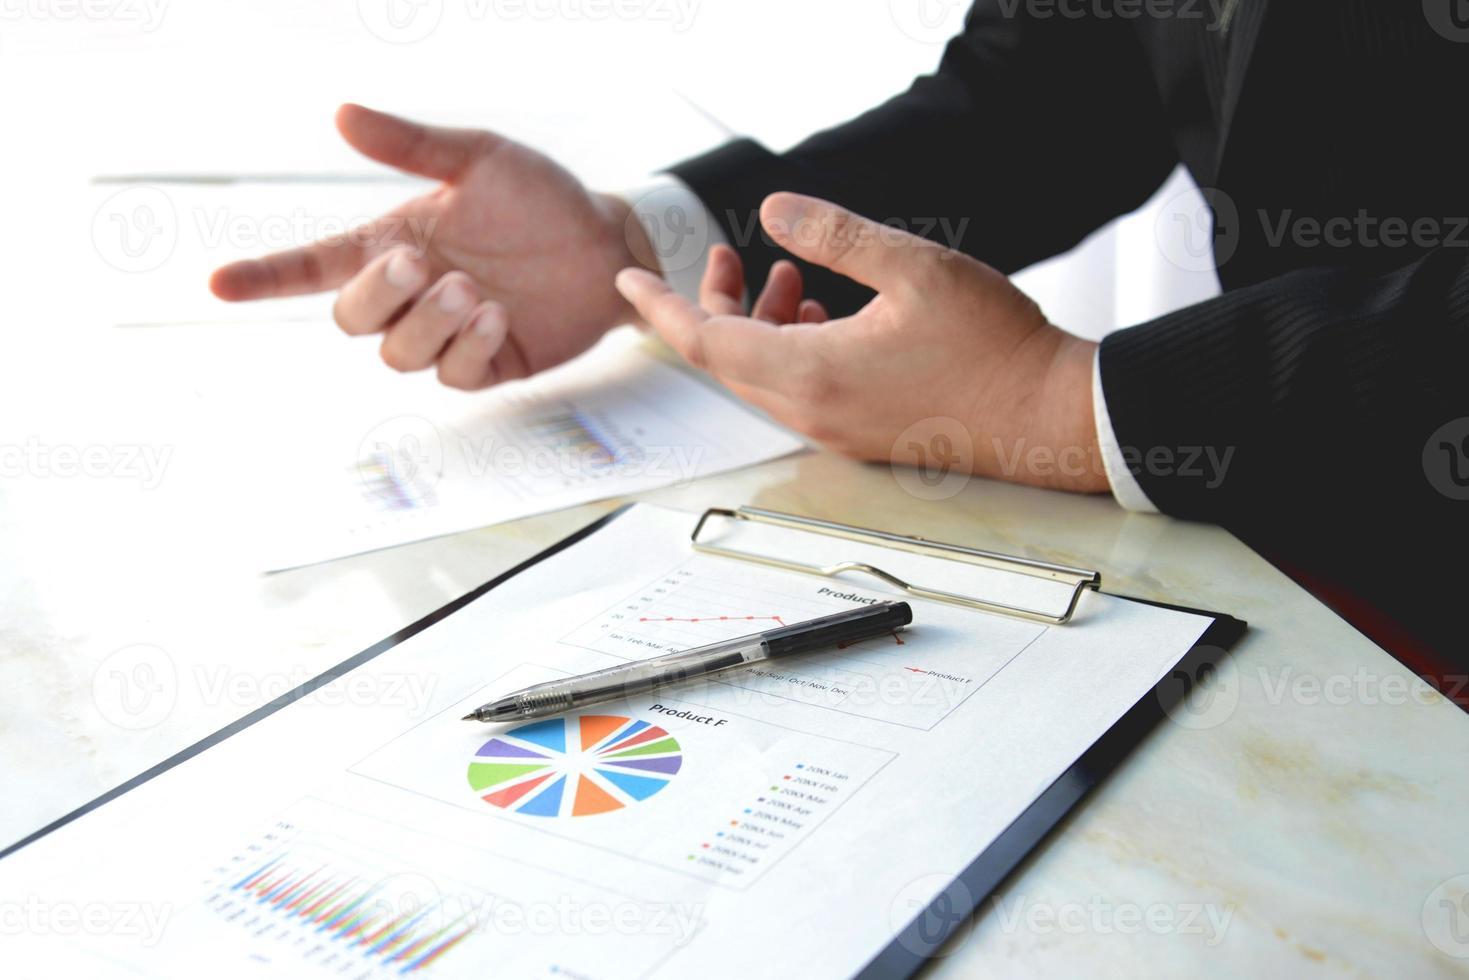 pluma y gráfico de negocios en reuniones de negocios foto